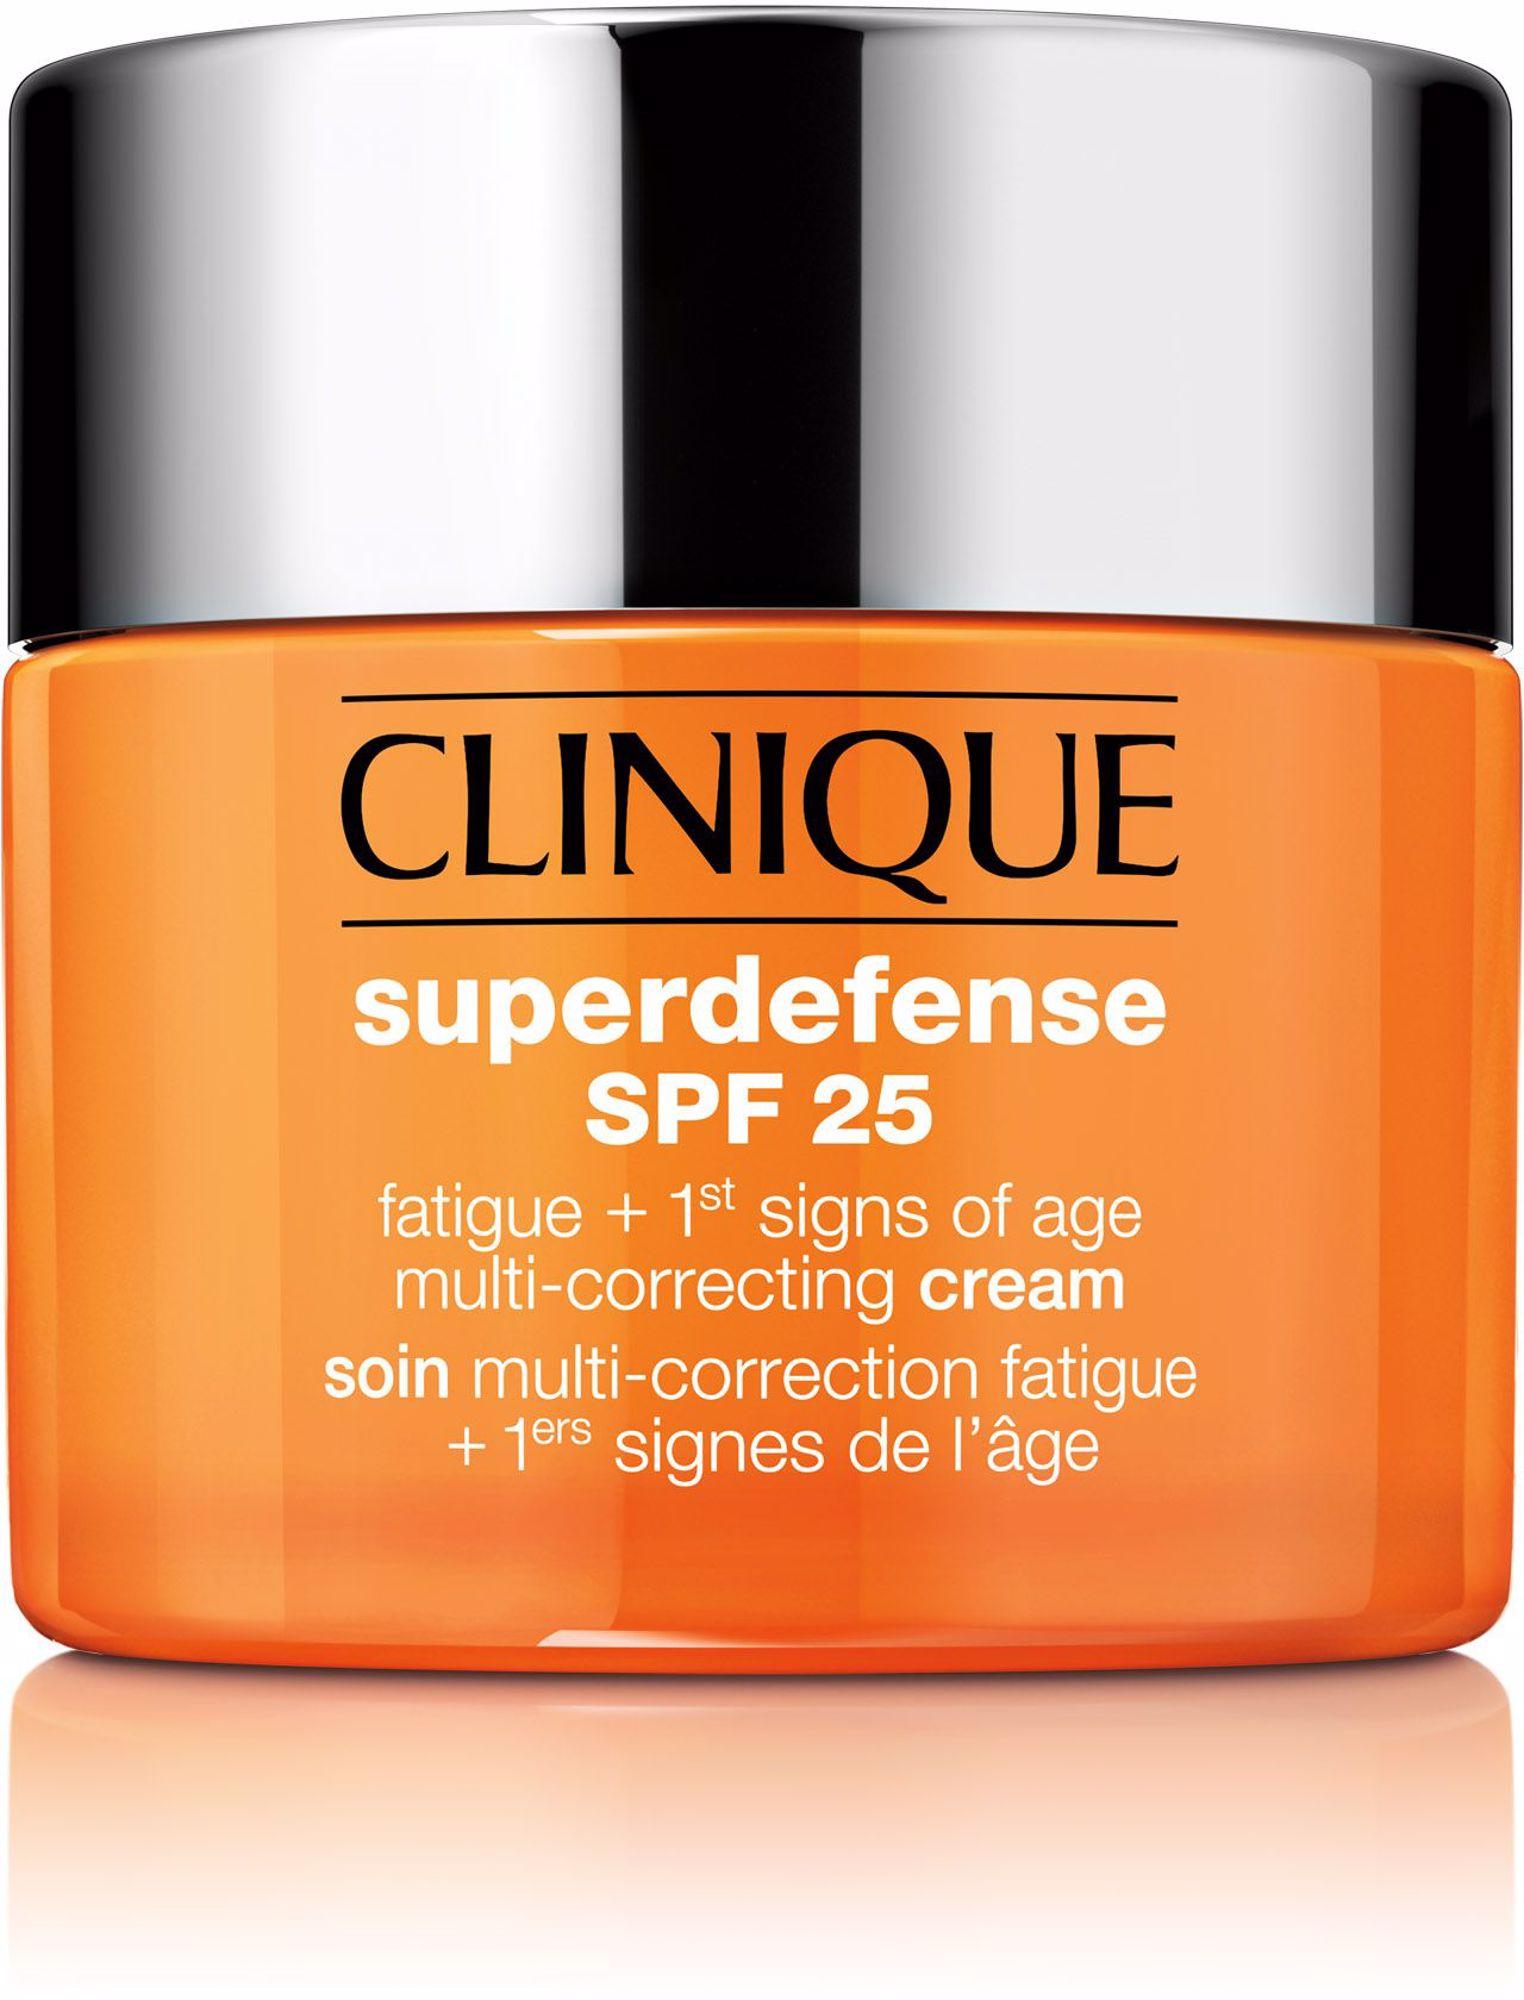 Superdefense SPF25 Multi-Correcting Cream